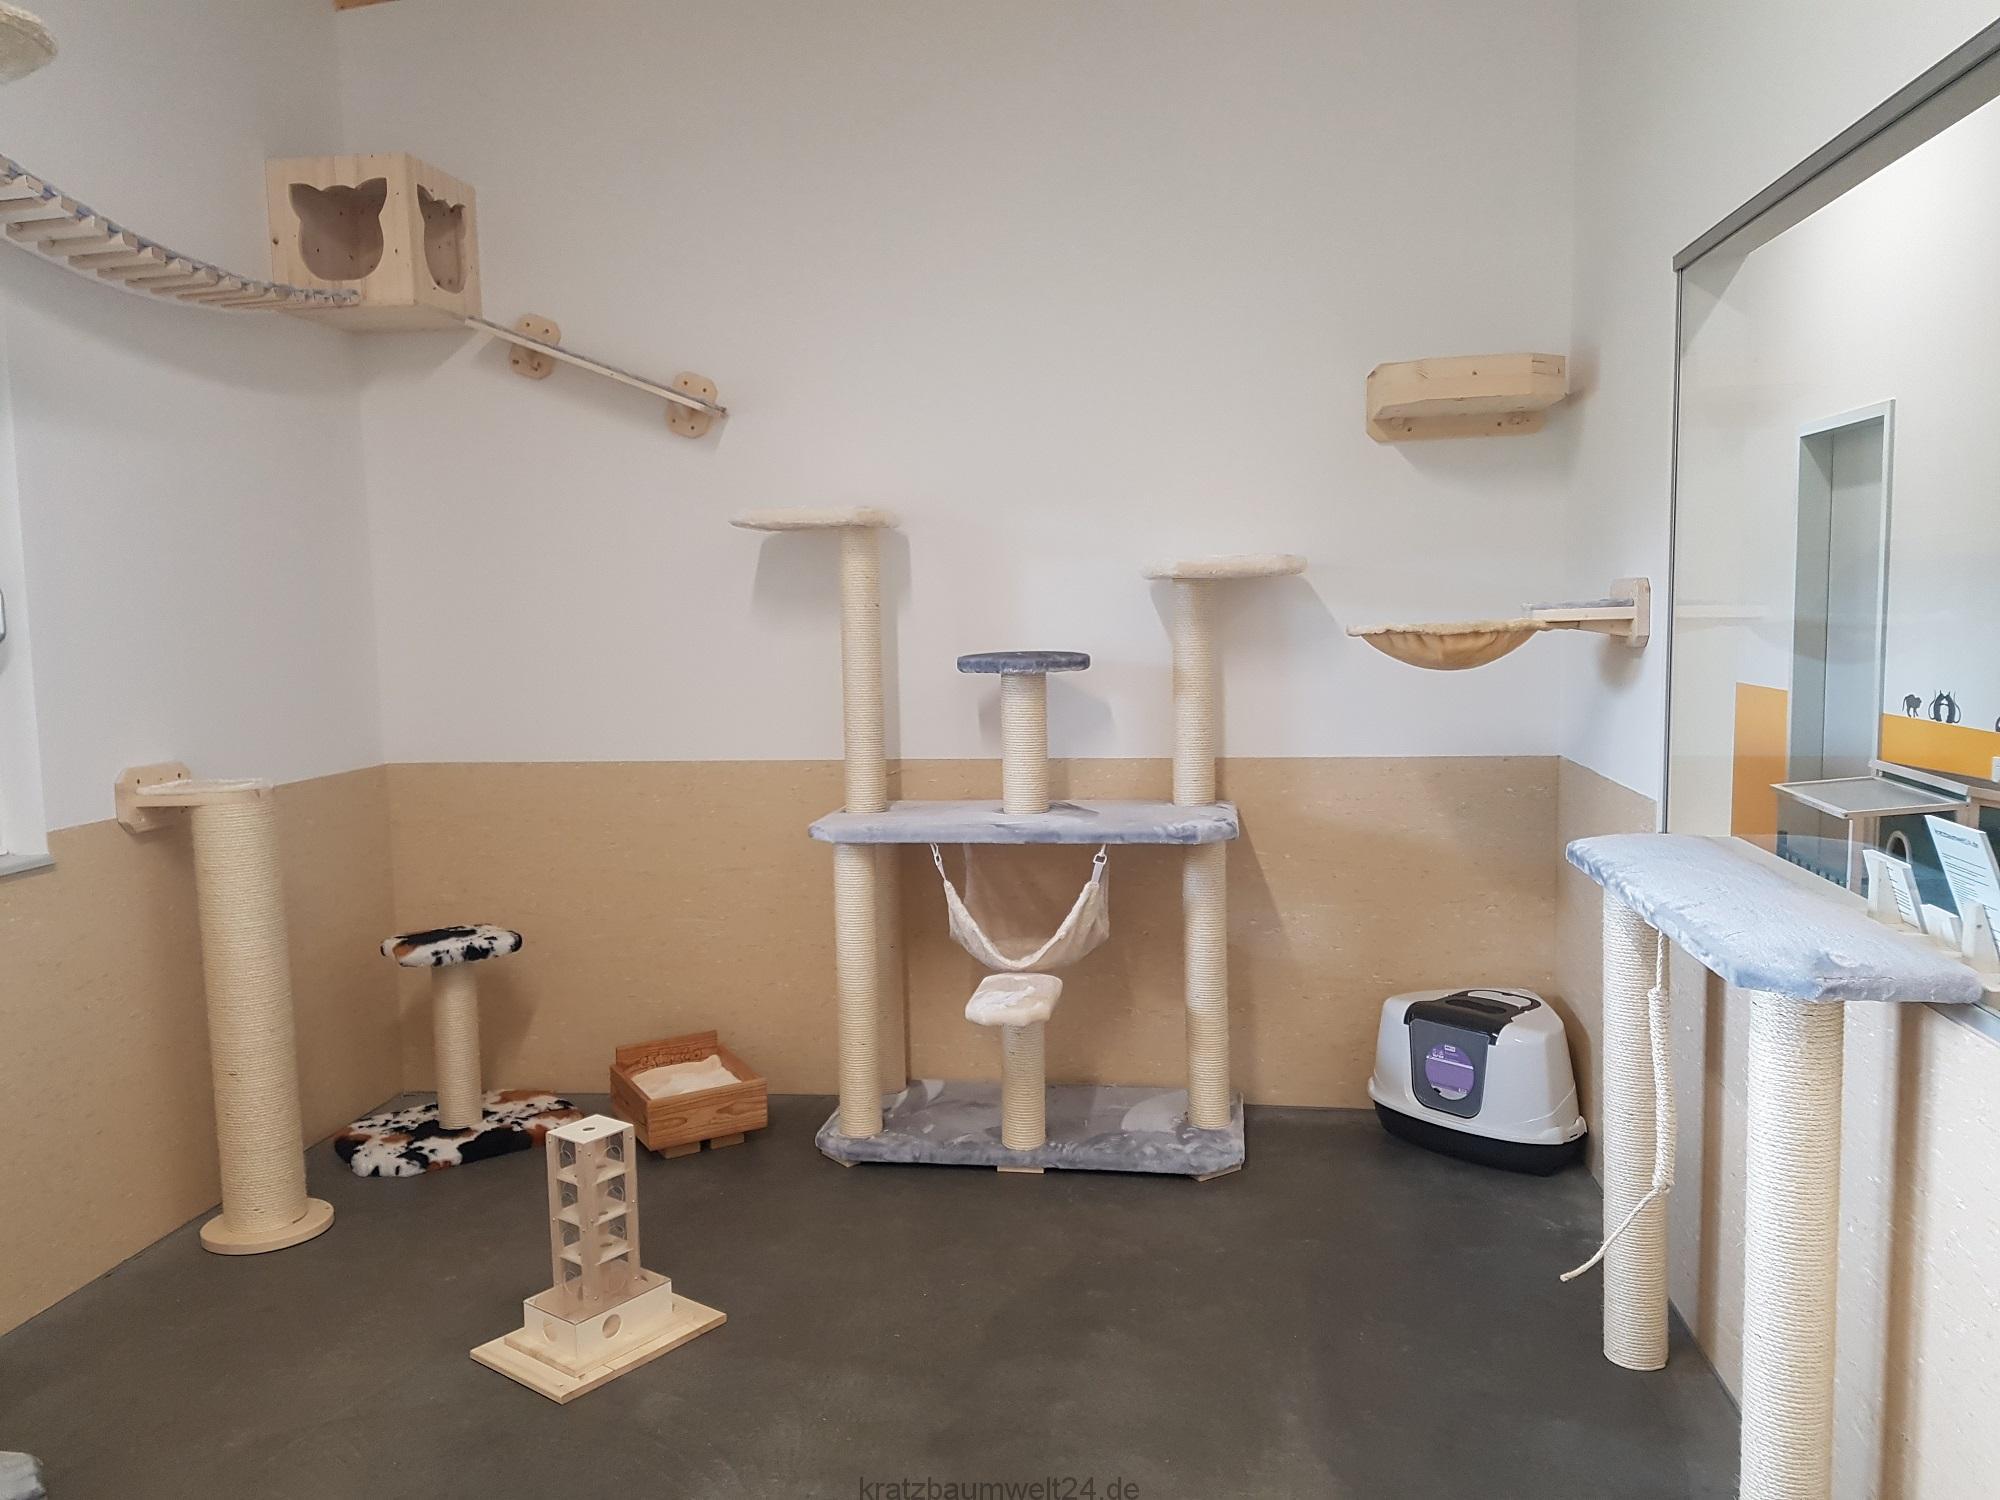 kittenzimmer kletterlandschaften f r katzen h ngebr cke. Black Bedroom Furniture Sets. Home Design Ideas